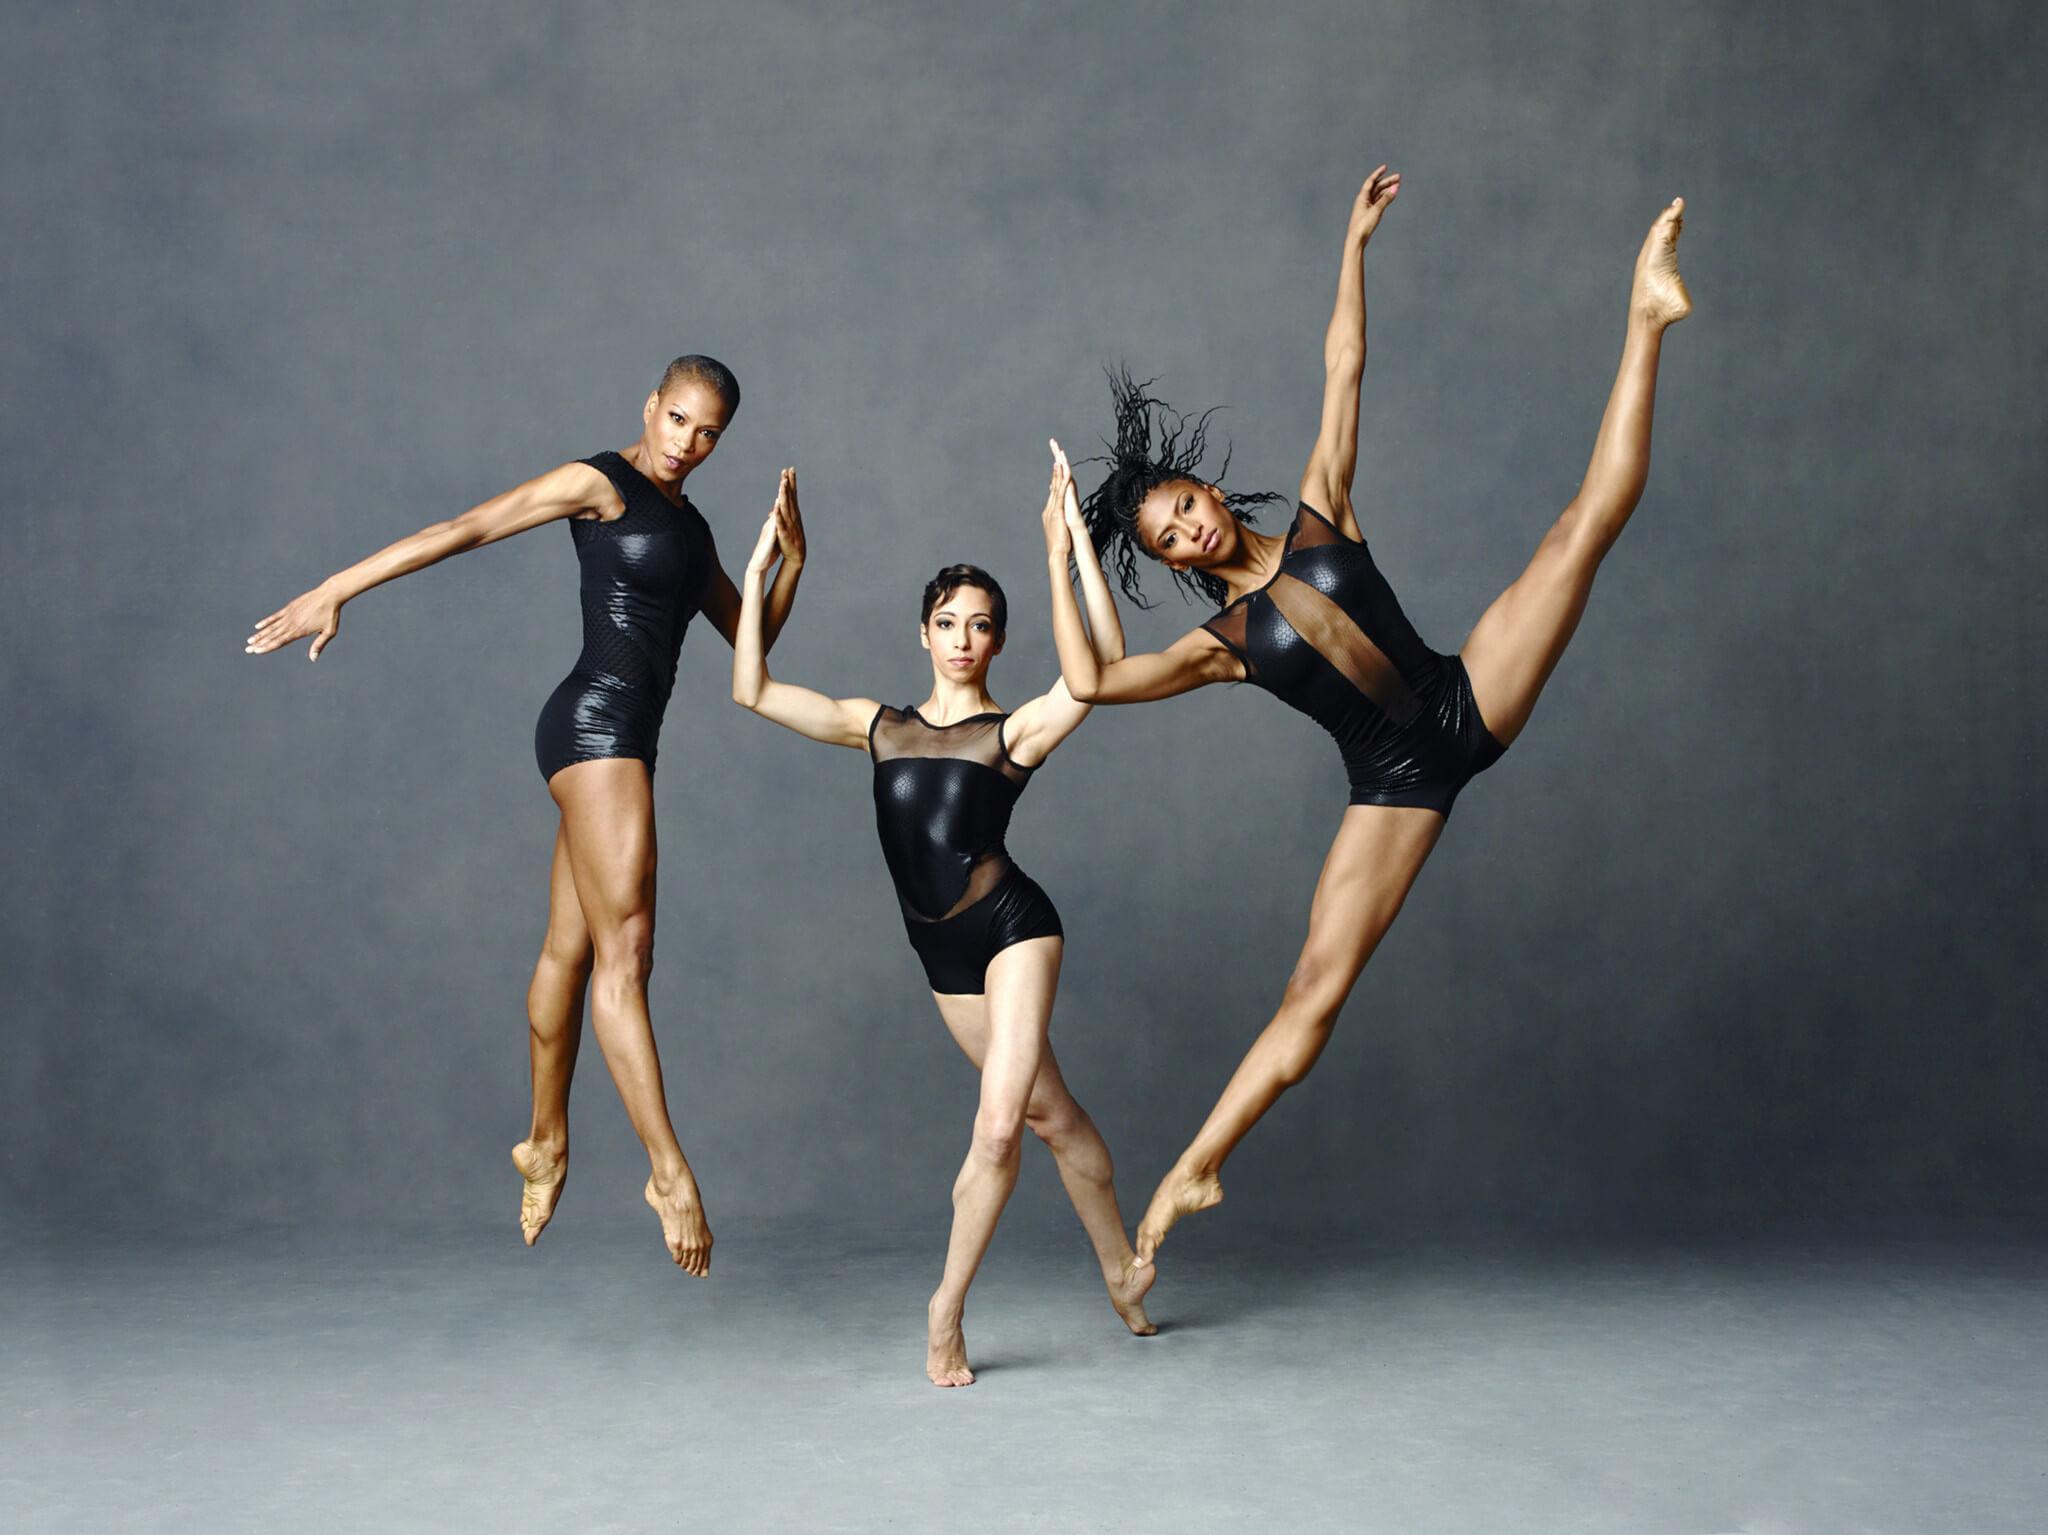 Trio of Female Dancers in Pose